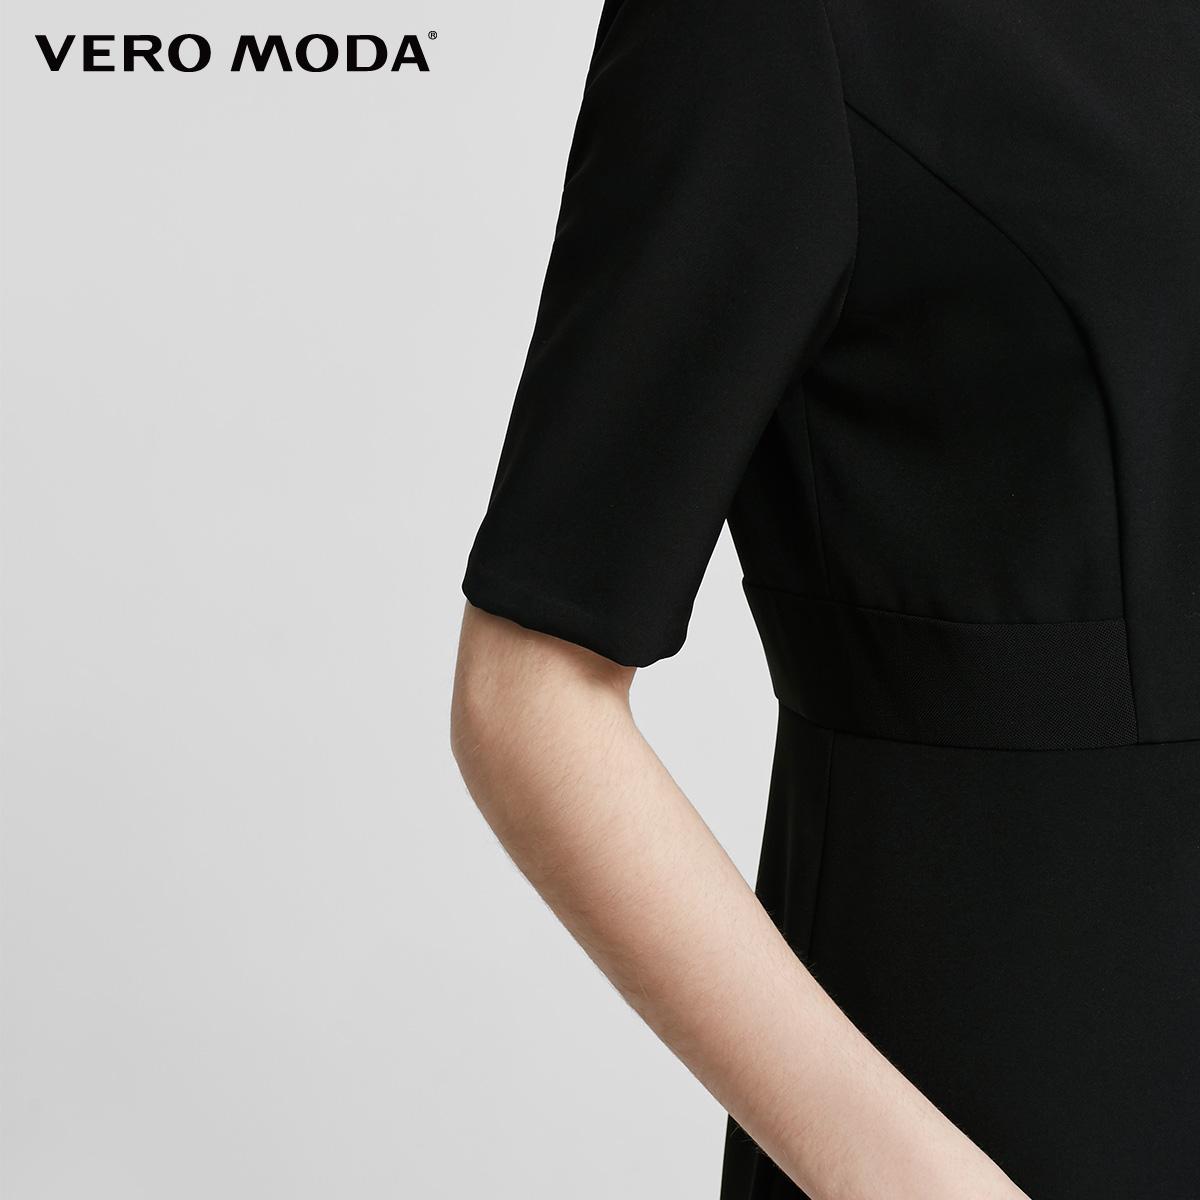 Vero Moda mới đơn giản thẳng ngắn tay đầm | 31716Z526